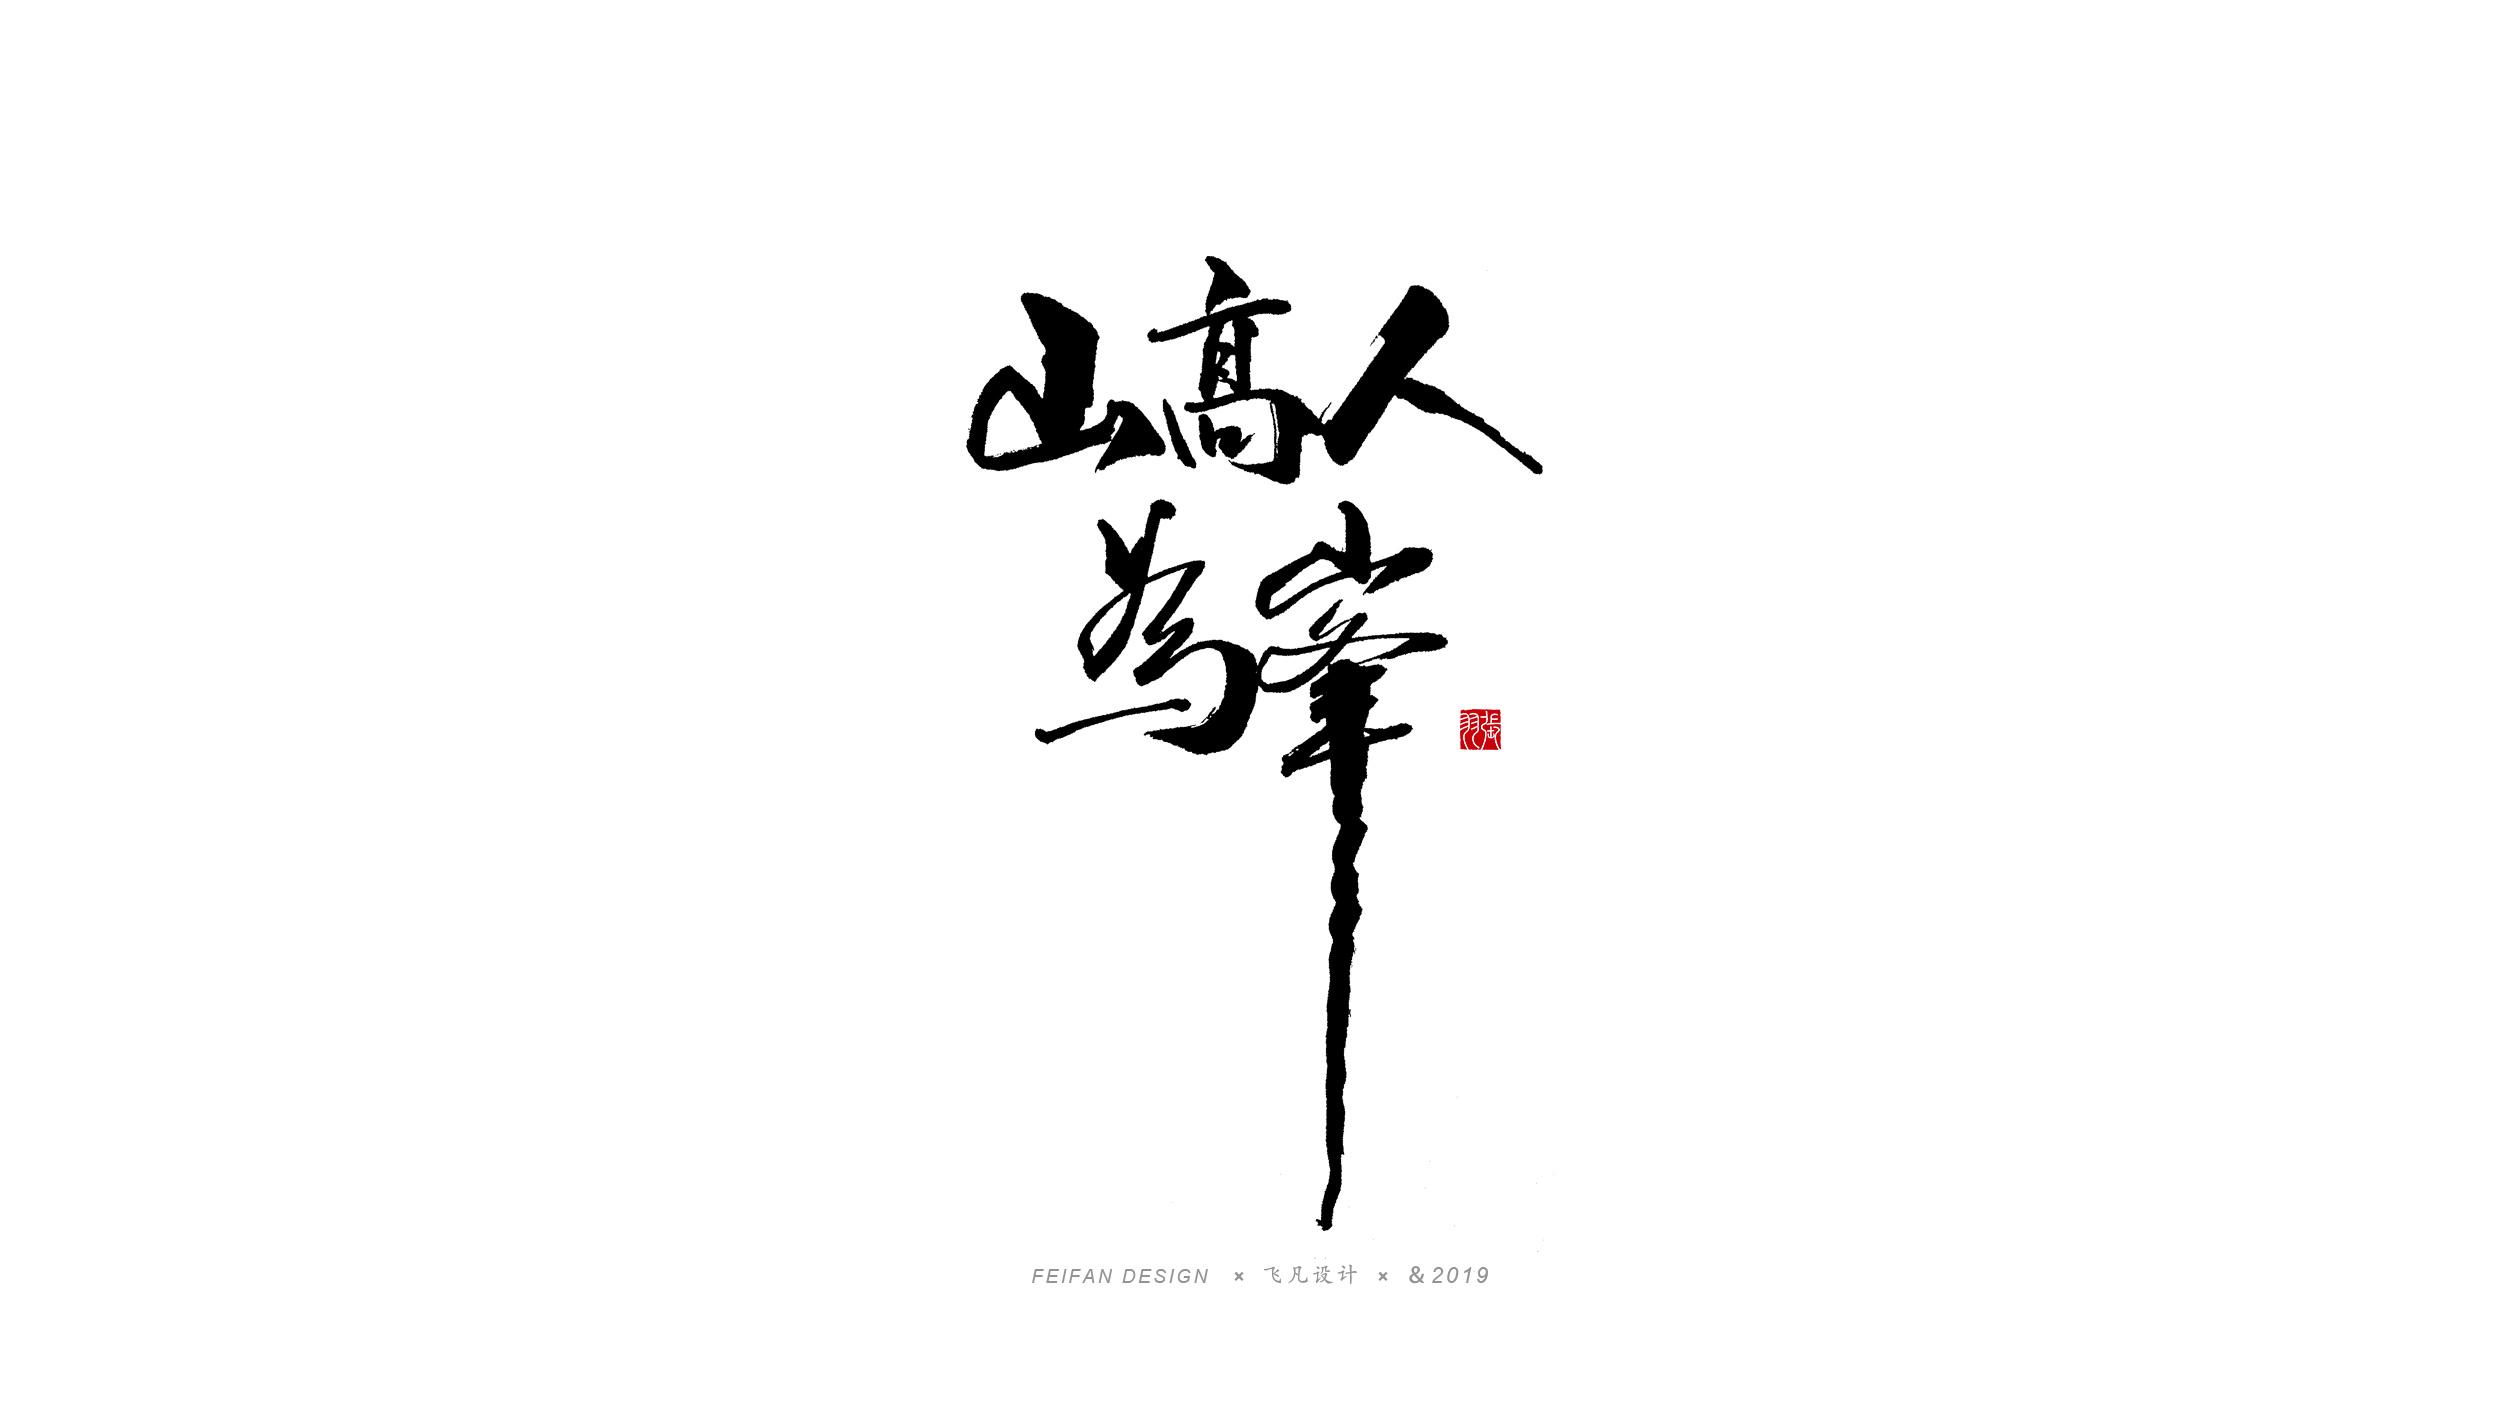 【飞凡书写第10篇】图片